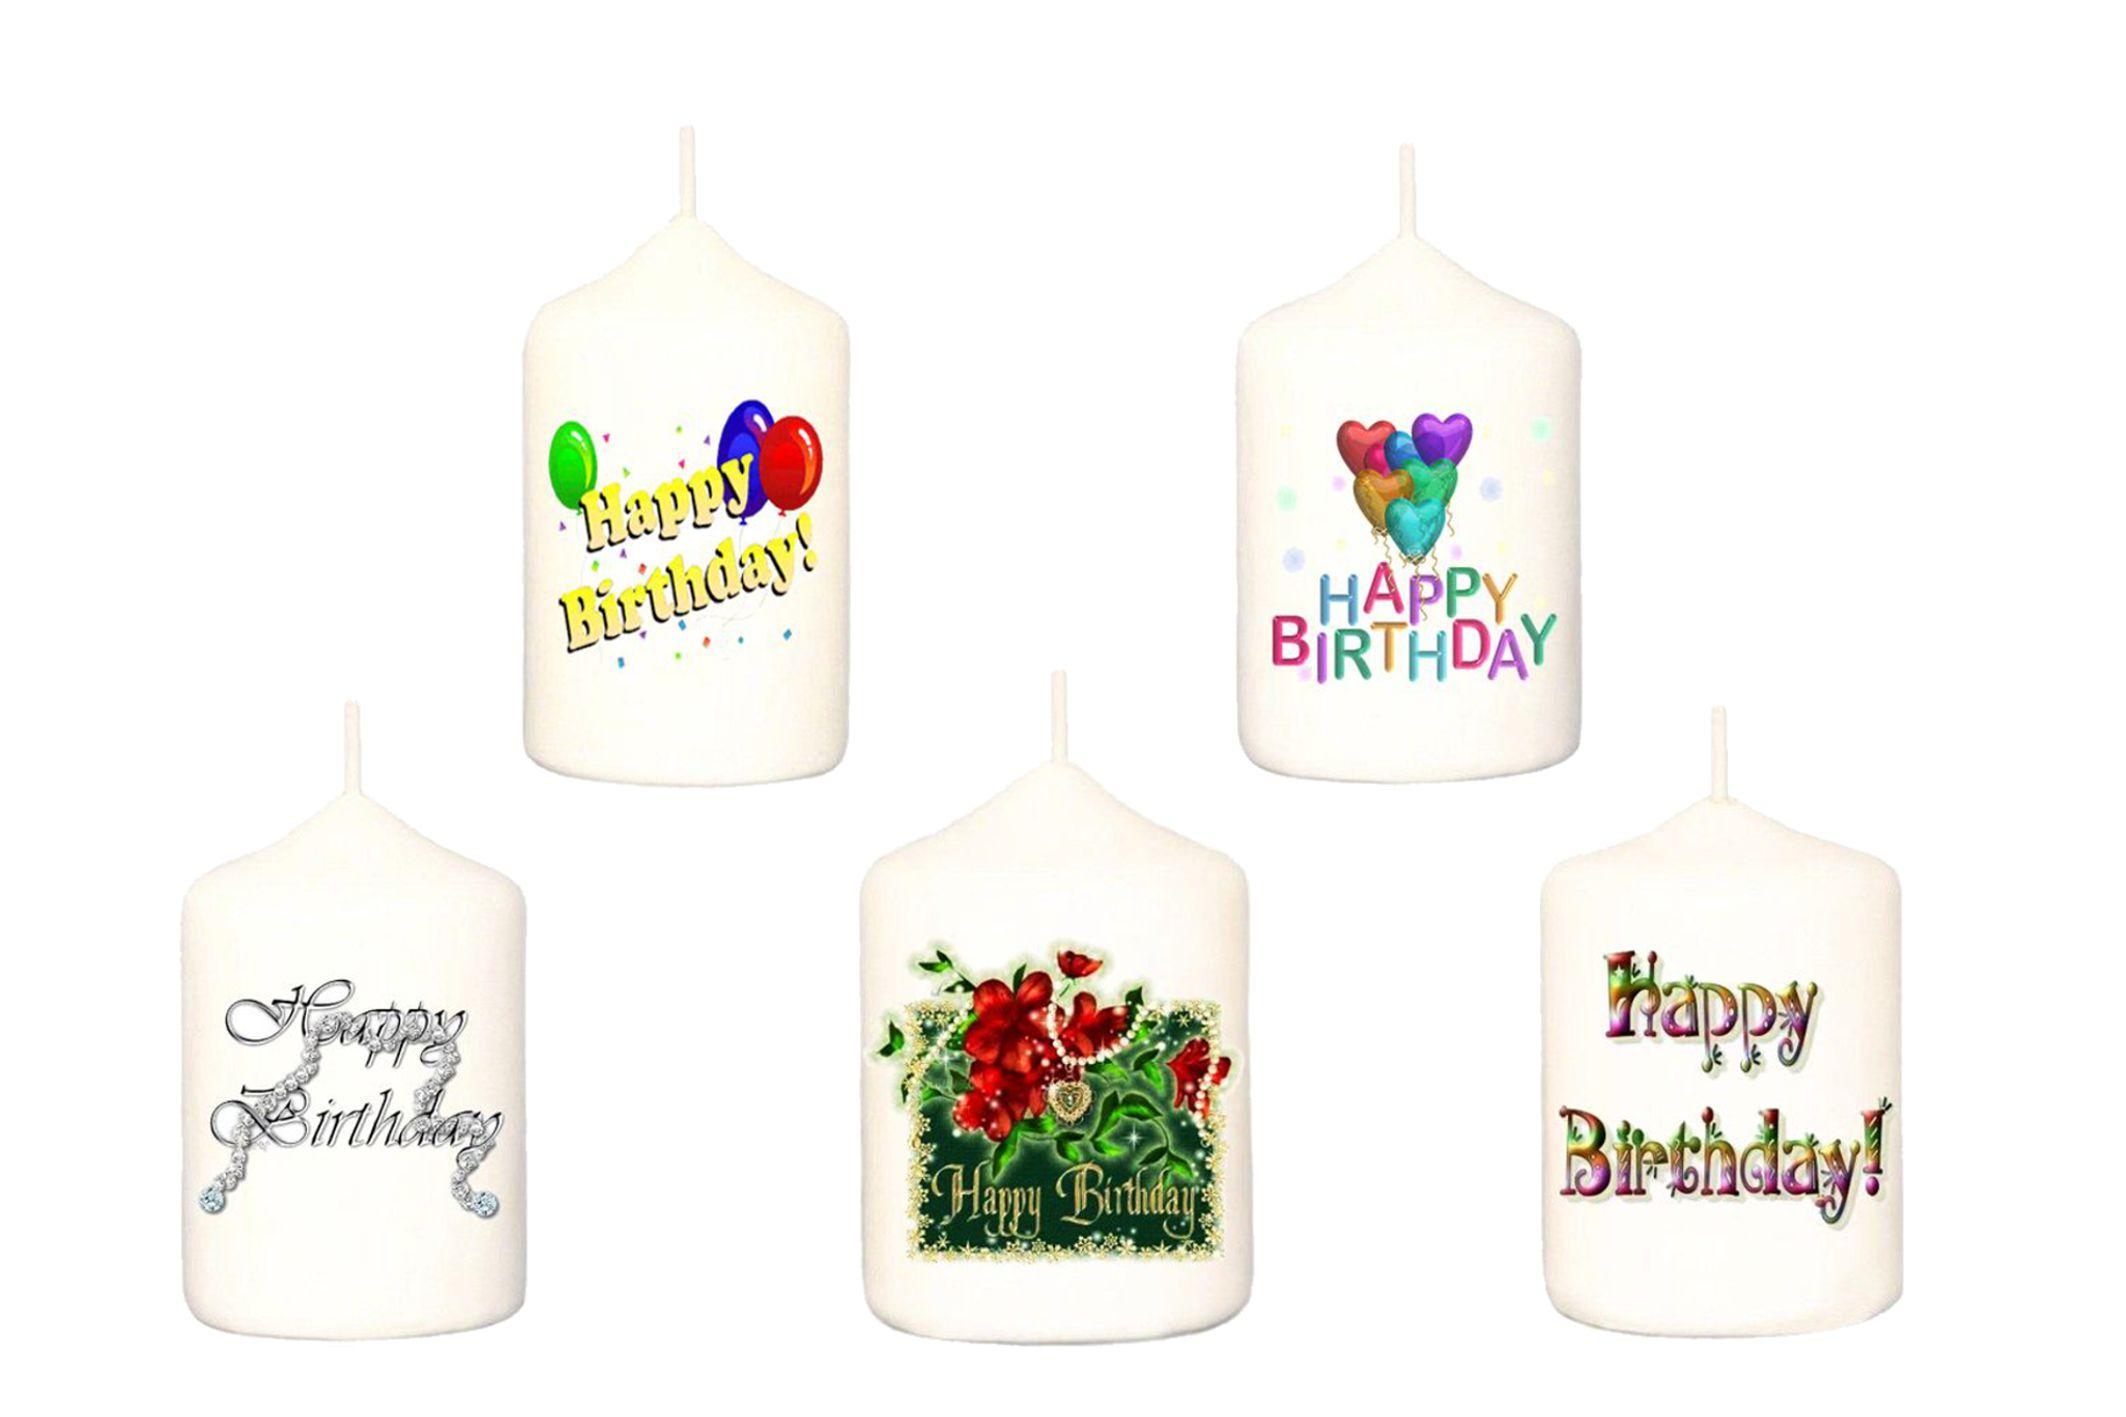 svijeće za rođendan Foto Jadranka | Kategorije | Svijeće za rođendan svijeće za rođendan